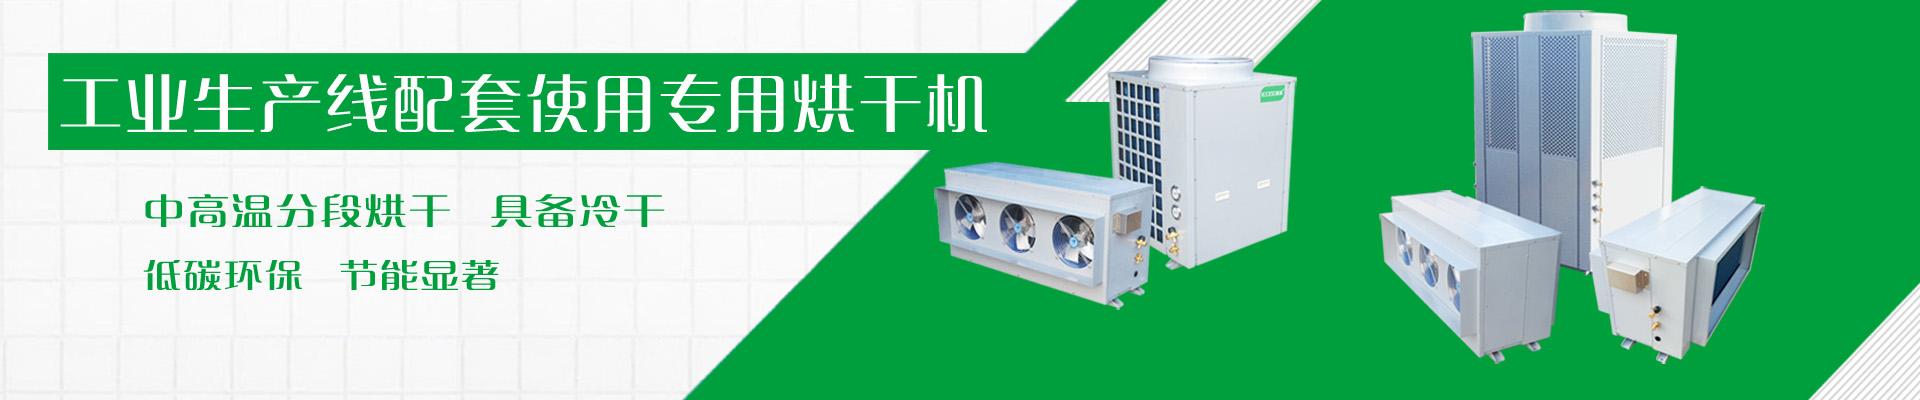 广州亿科新能源科技有限公司